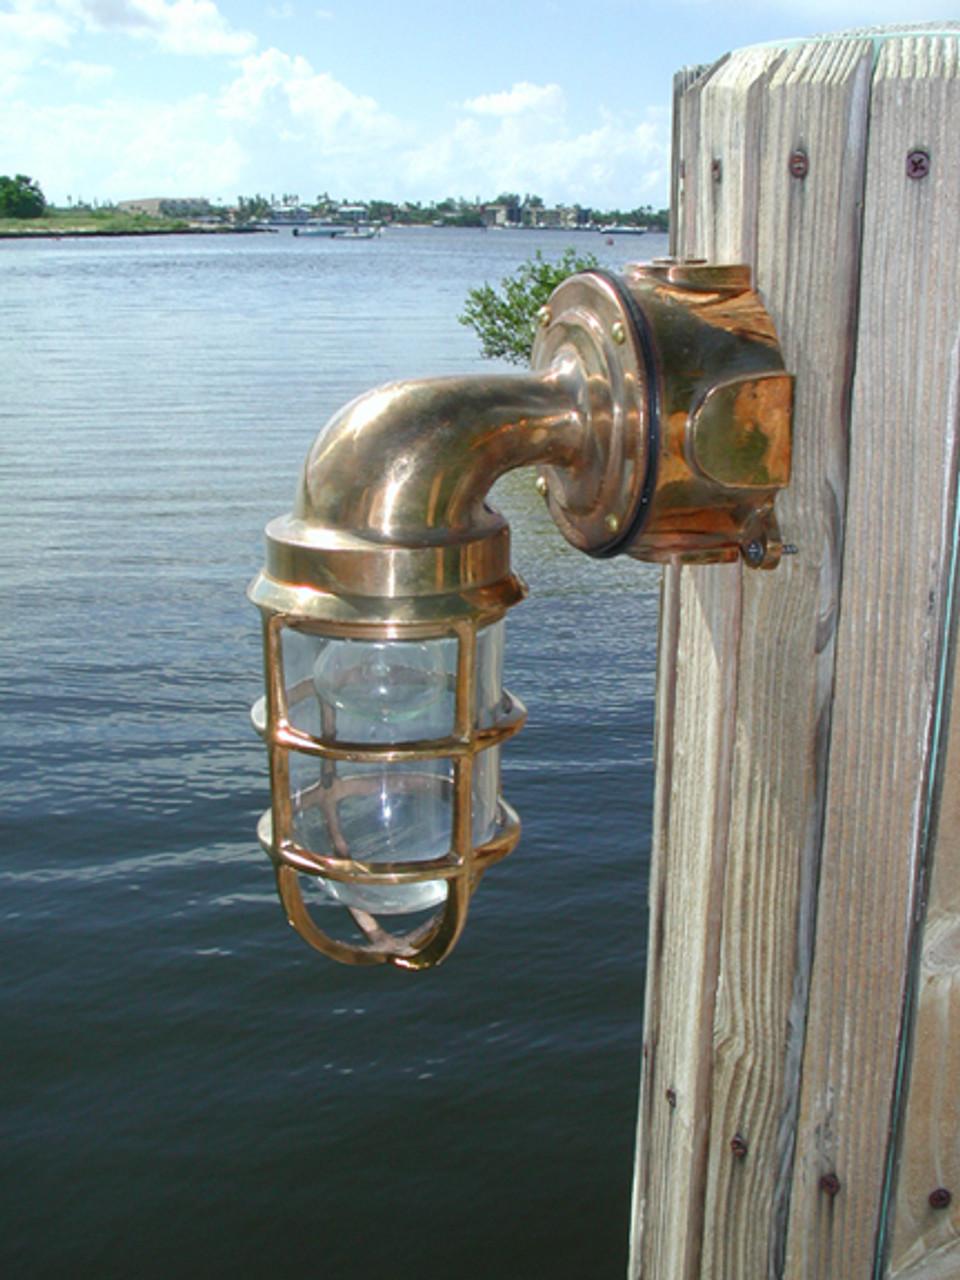 Bronze passageway dock light with no hood